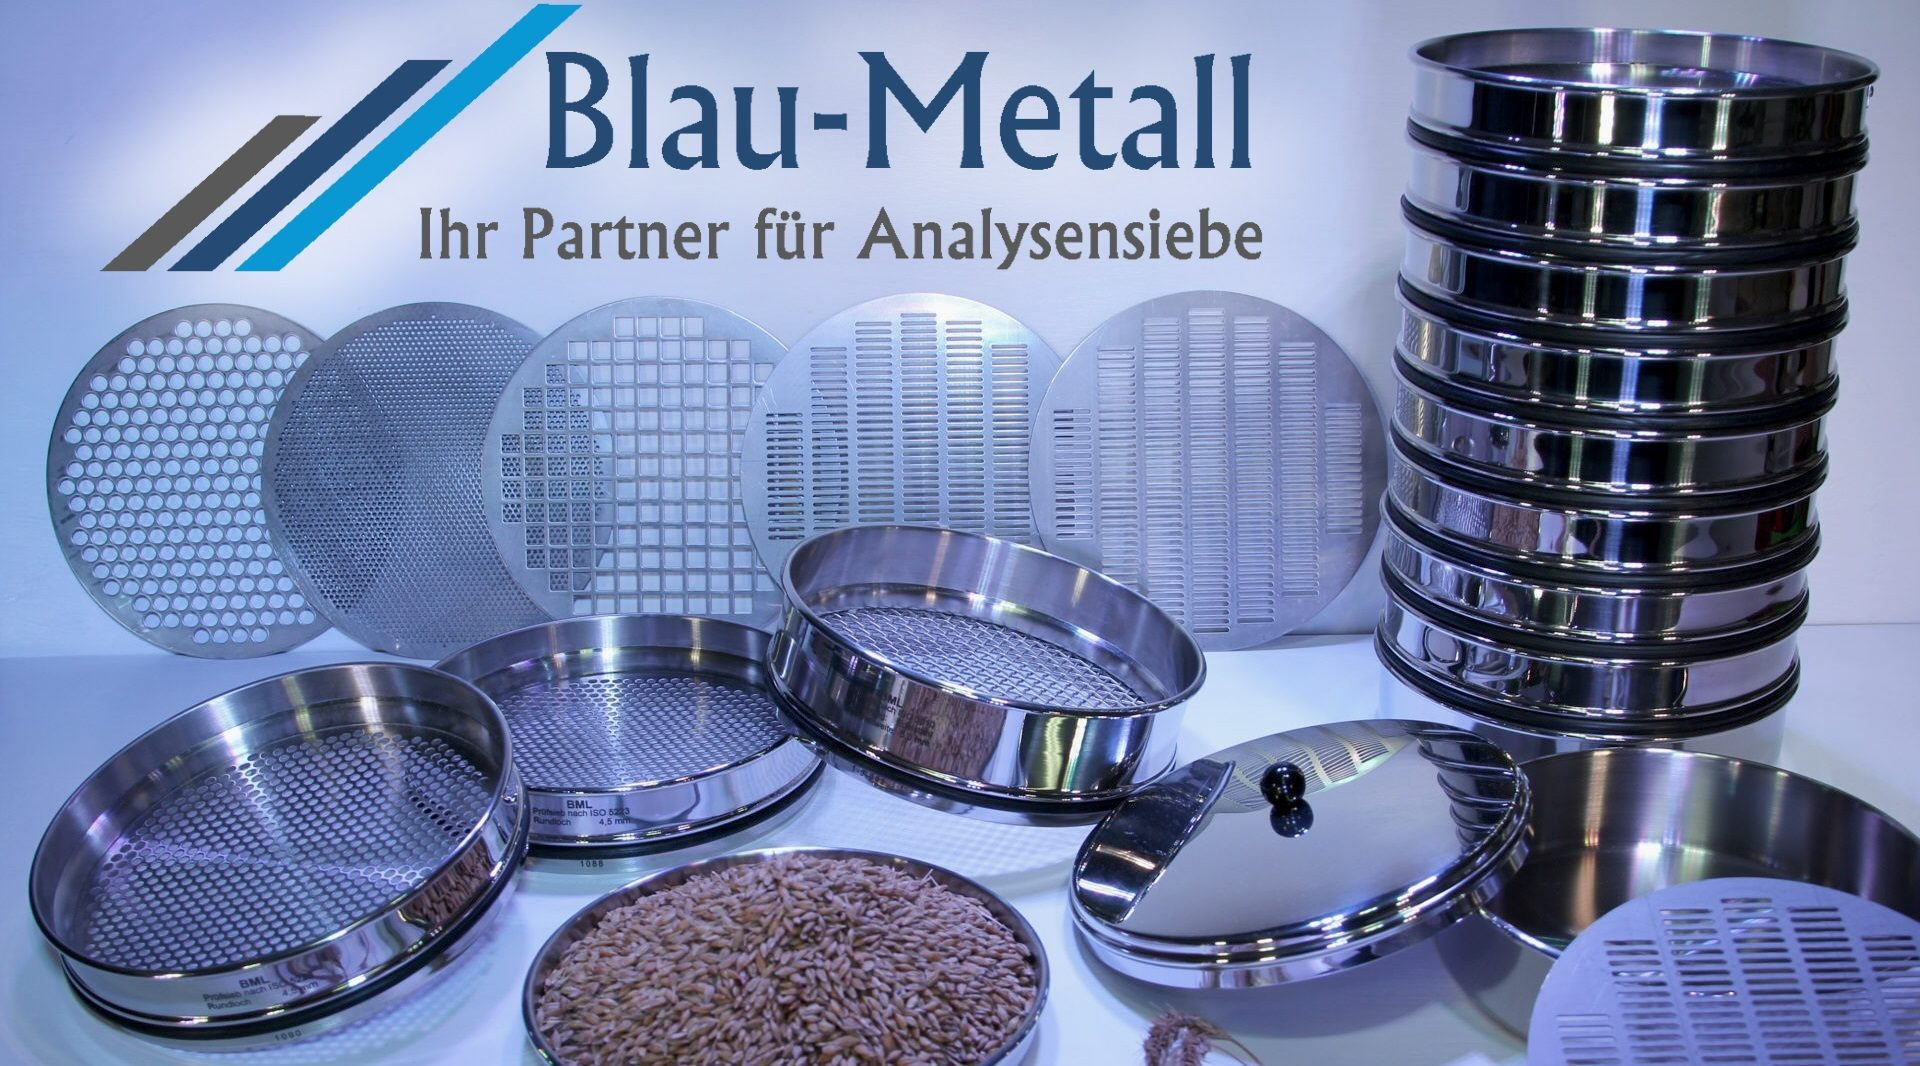 Blau-Metall – Analysensiebe, Laborsiebe nach Norm